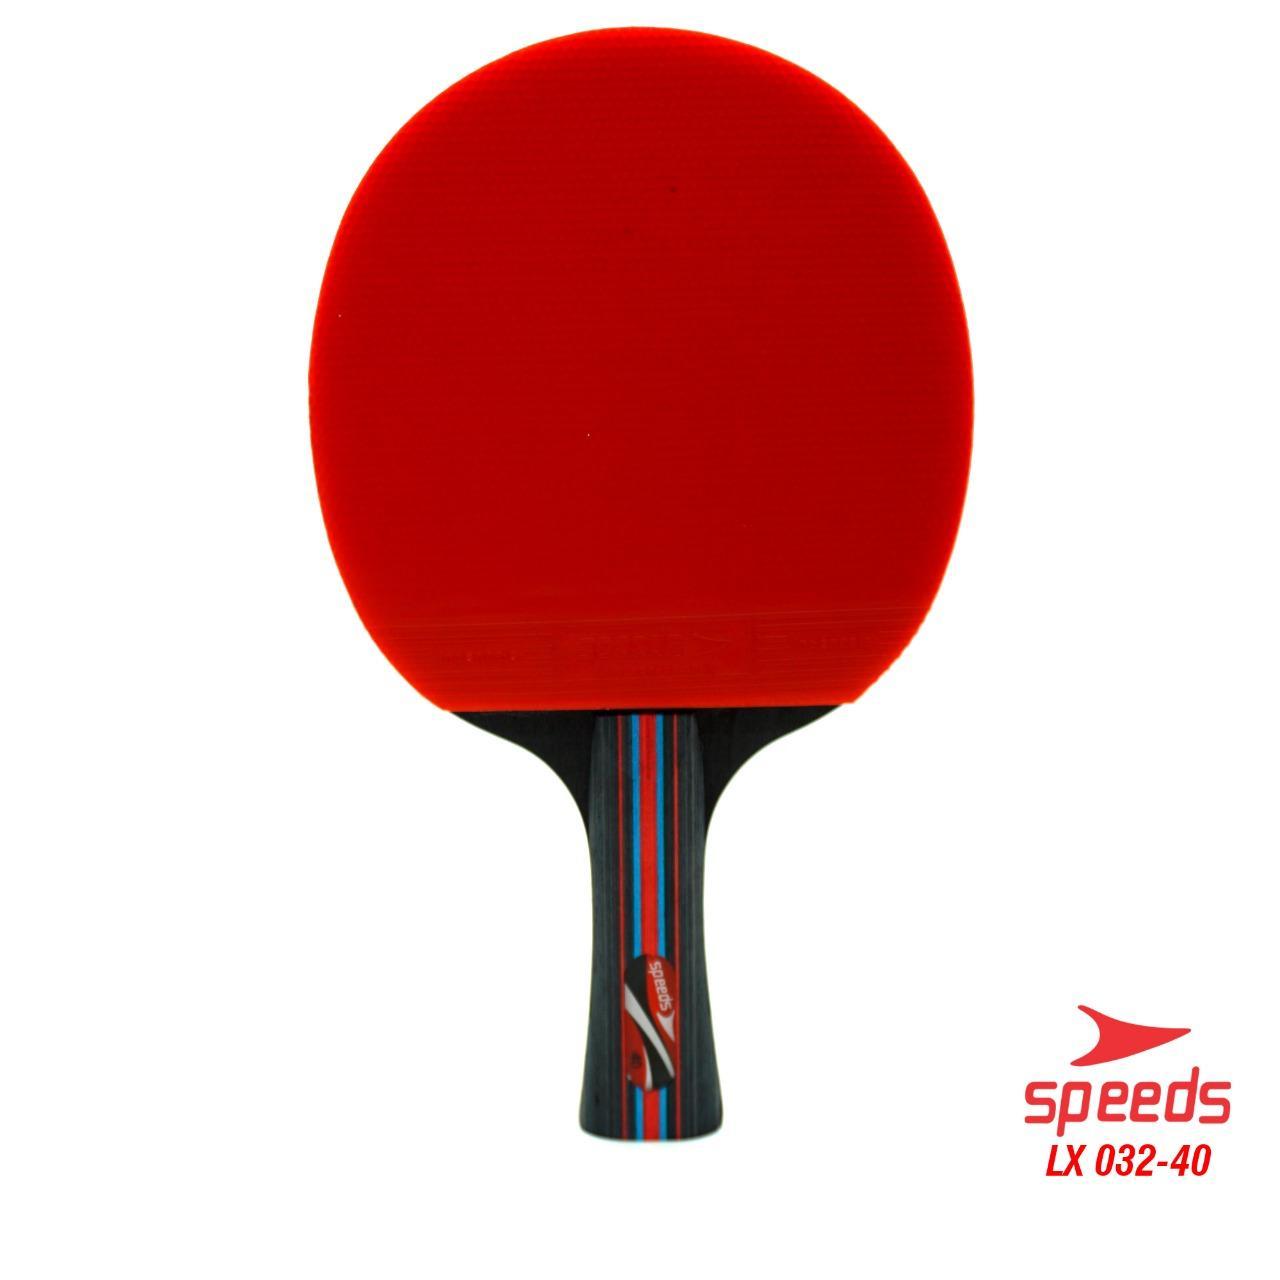 Jual Aneka Perlengkapan Tenis Terlengkap   Lazada.co.id